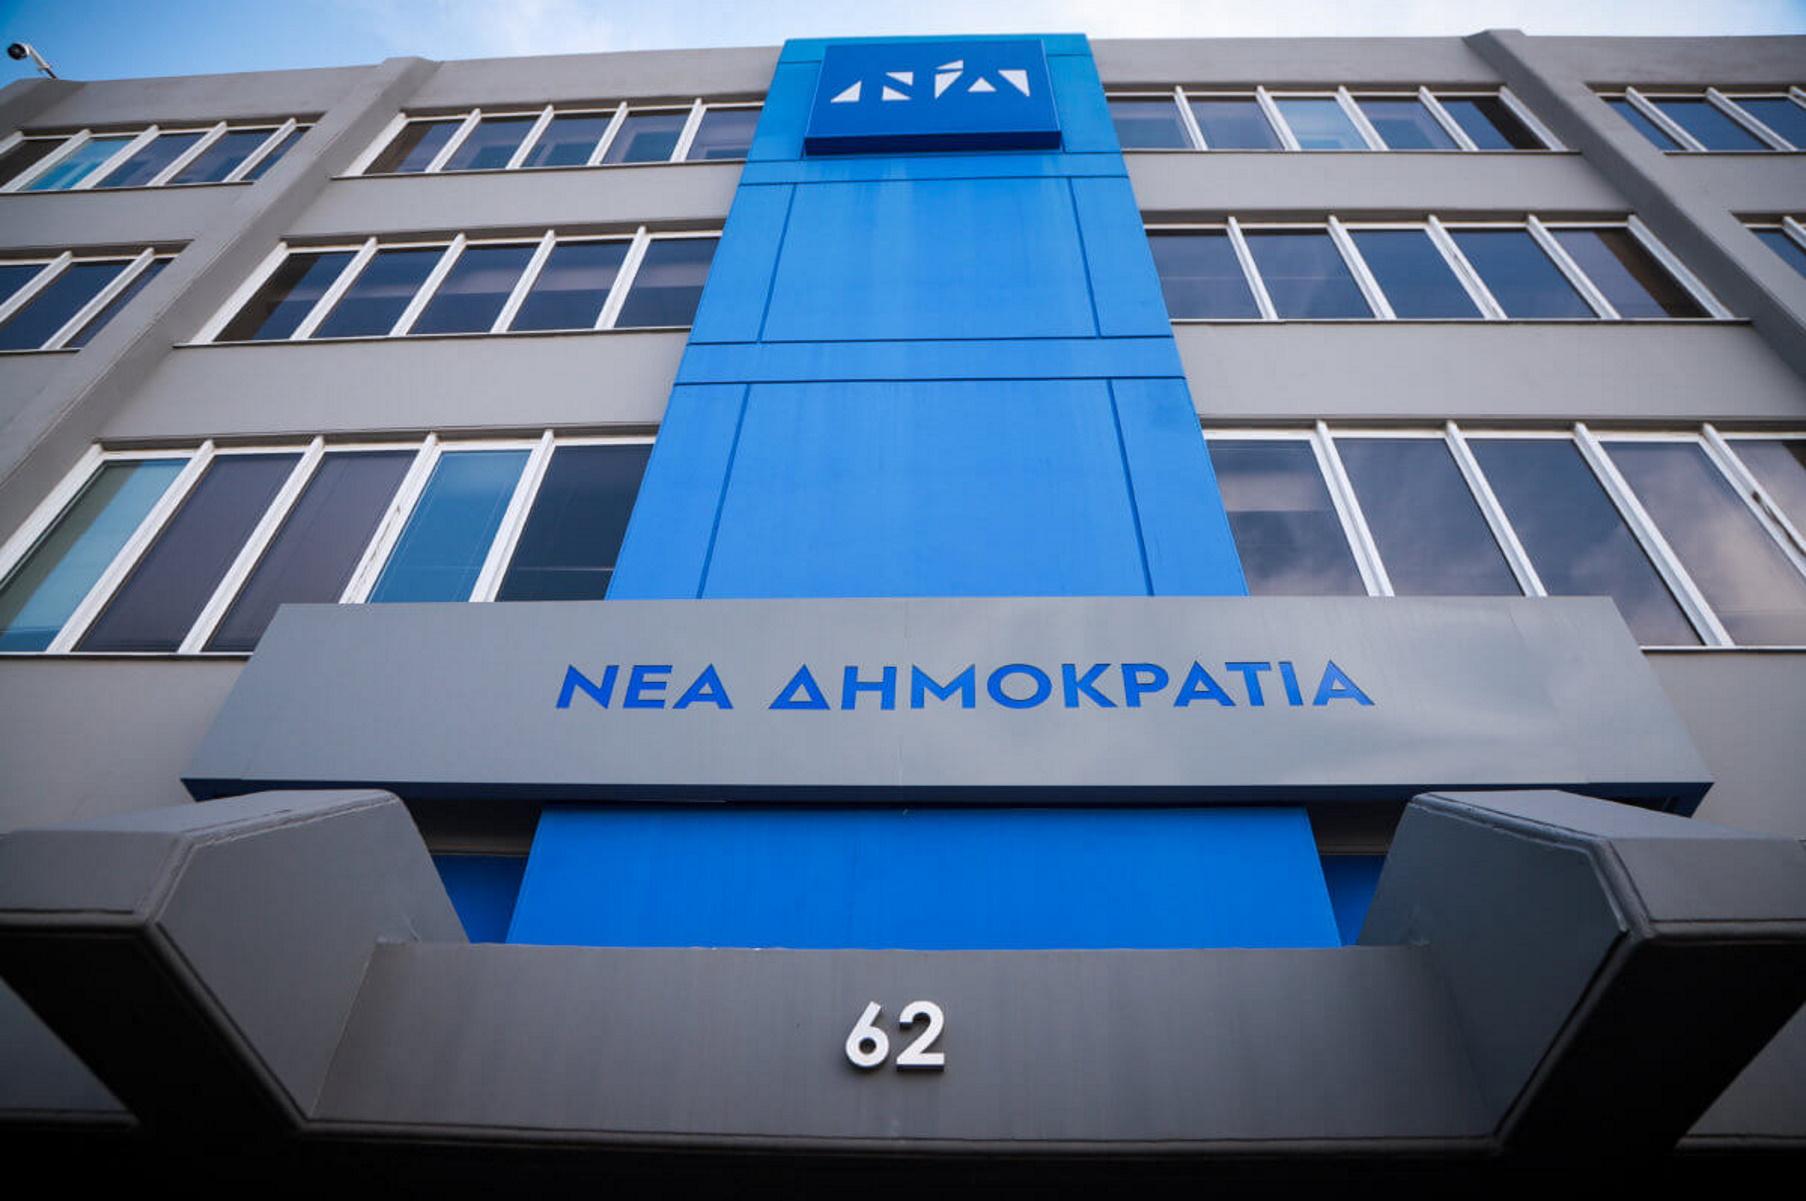 Απάντηση ΝΔ σε ΣΥΡΙΖΑ για τα χρέη: Θετικό λειτουργικό αποτέλεσμα και χωρίς δάνεια από το 2016